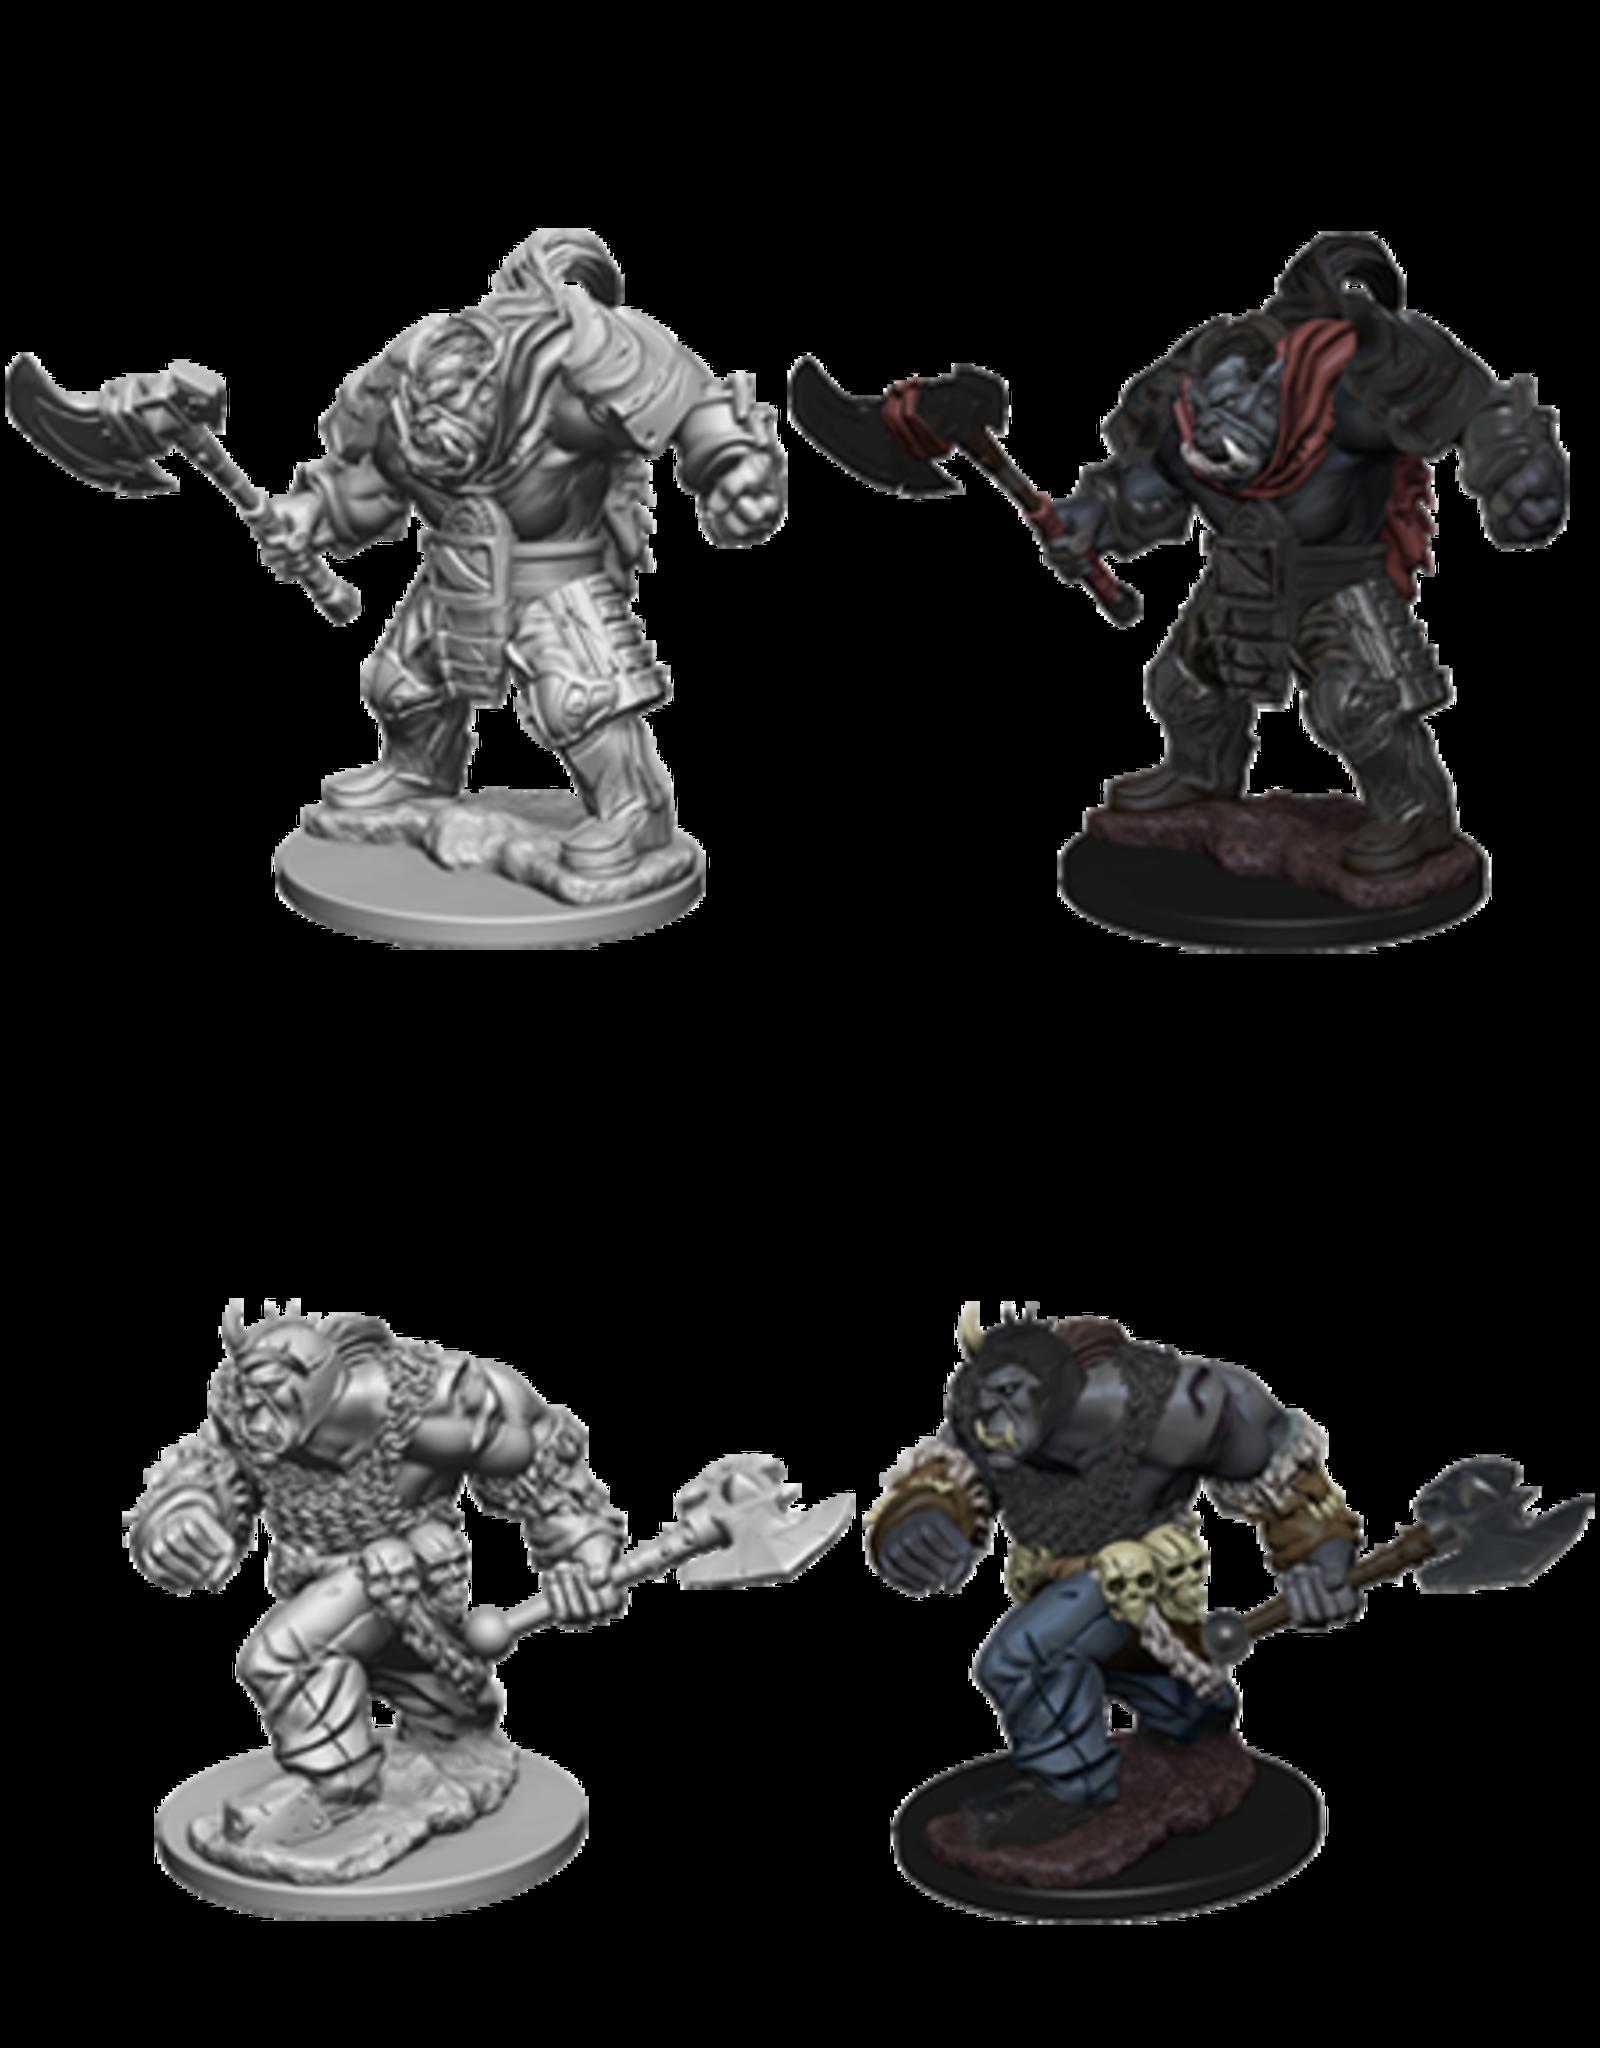 Wizkids Orcs: D&D Nolzurs Marvelous Unpainted Minis